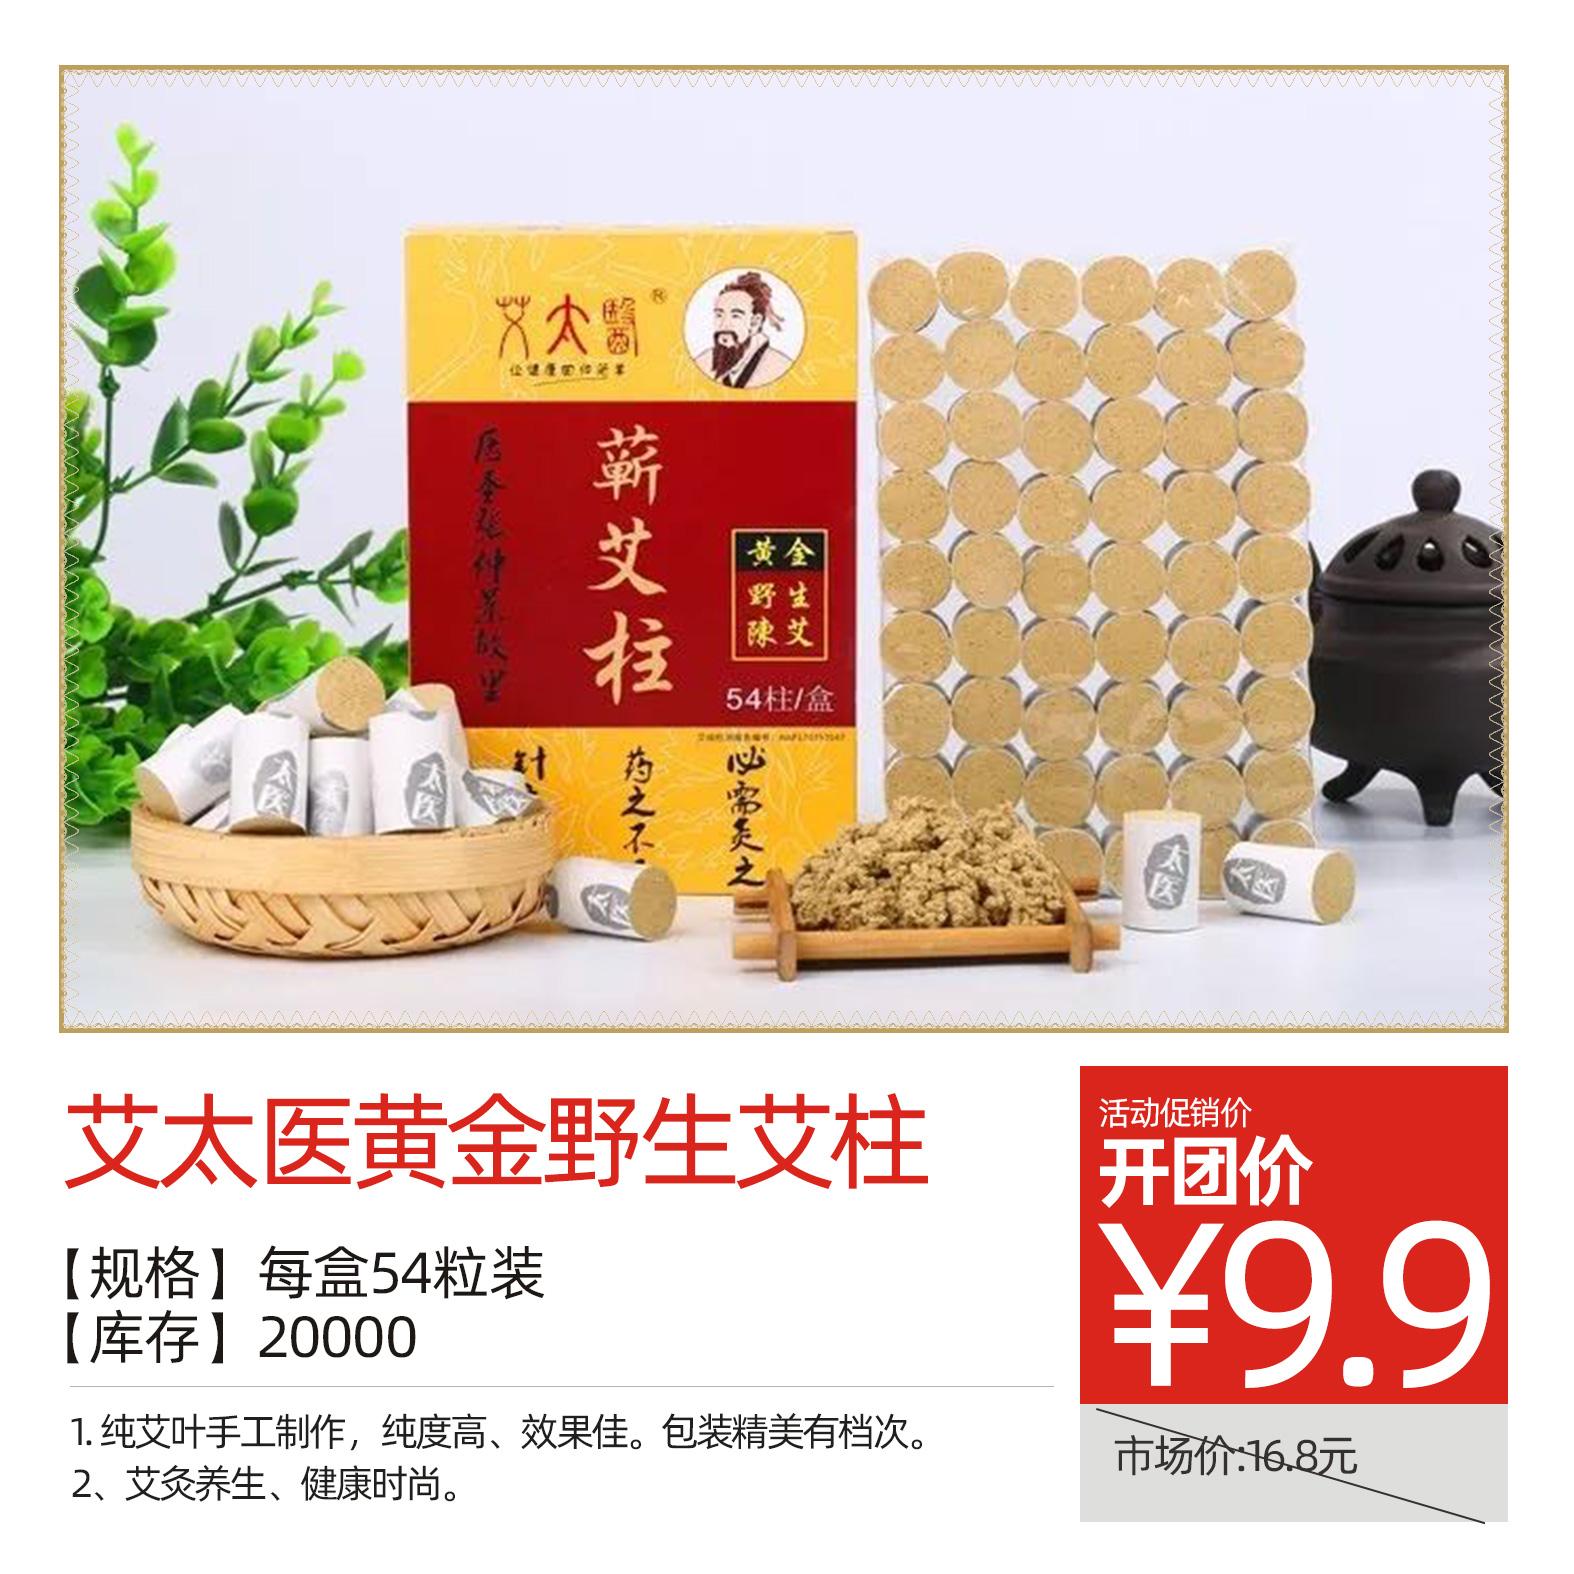 艾太医黄金野生艾柱(54粒一盒)